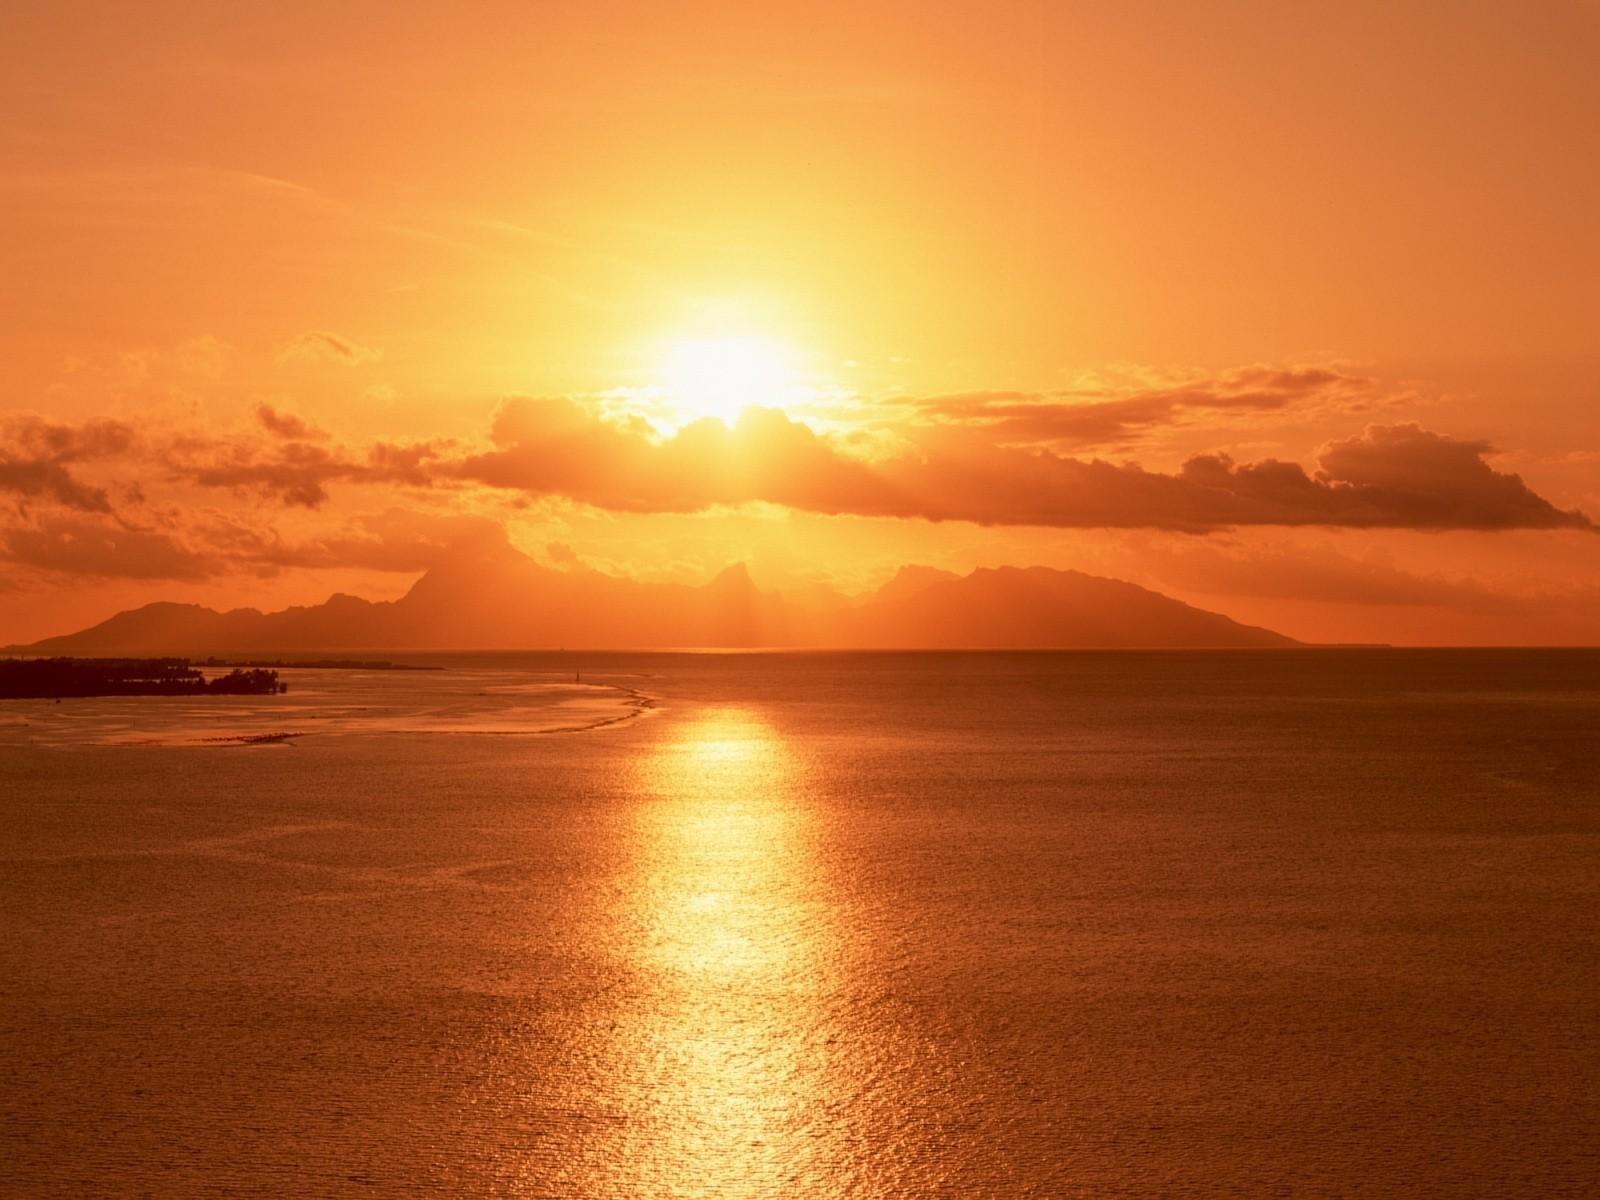 21930 скачать обои Пейзаж, Закат, Море, Солнце, Облака - заставки и картинки бесплатно